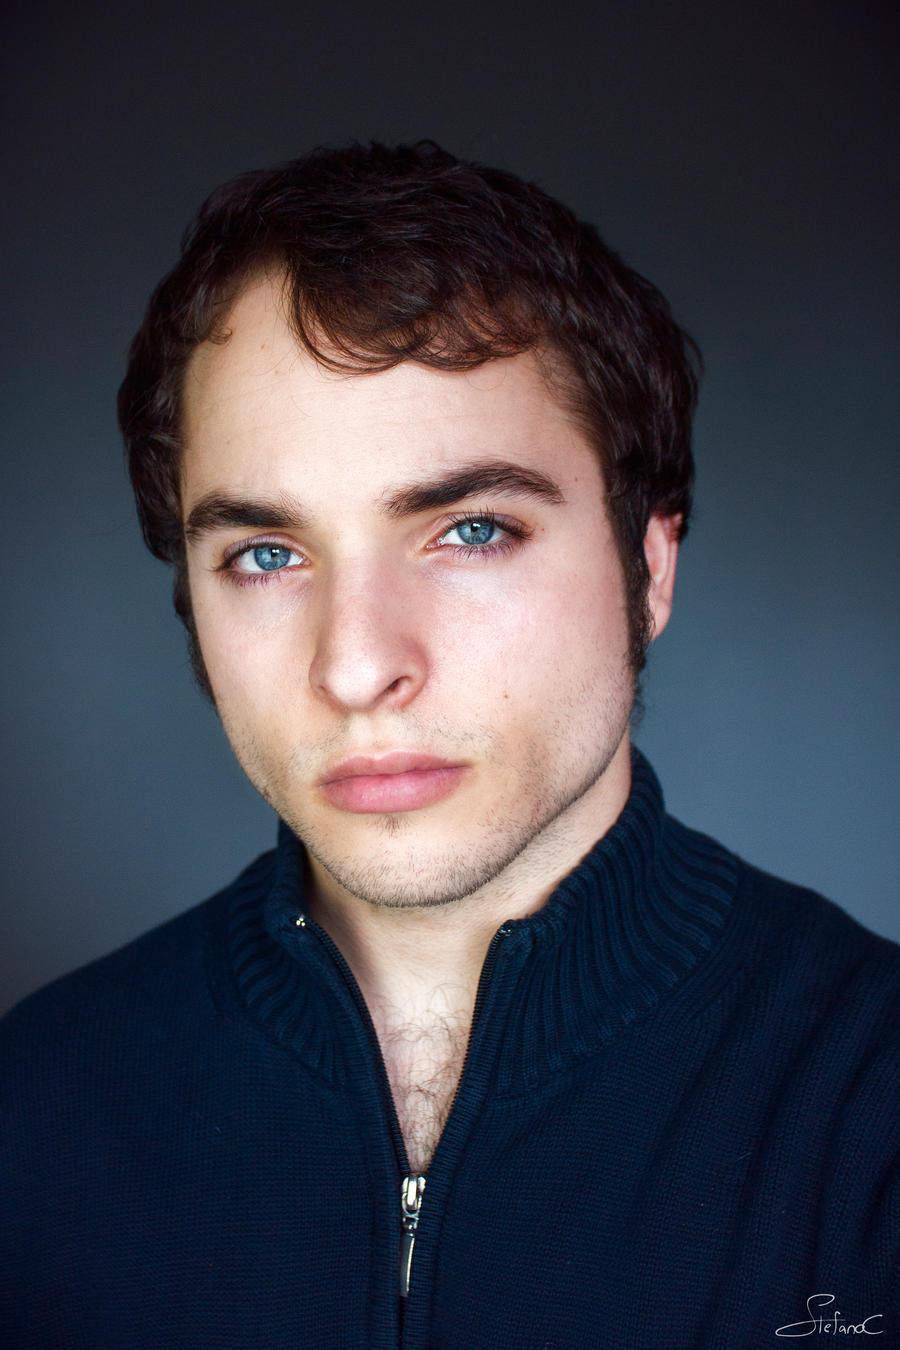 StefanoCatalano's Profile Picture